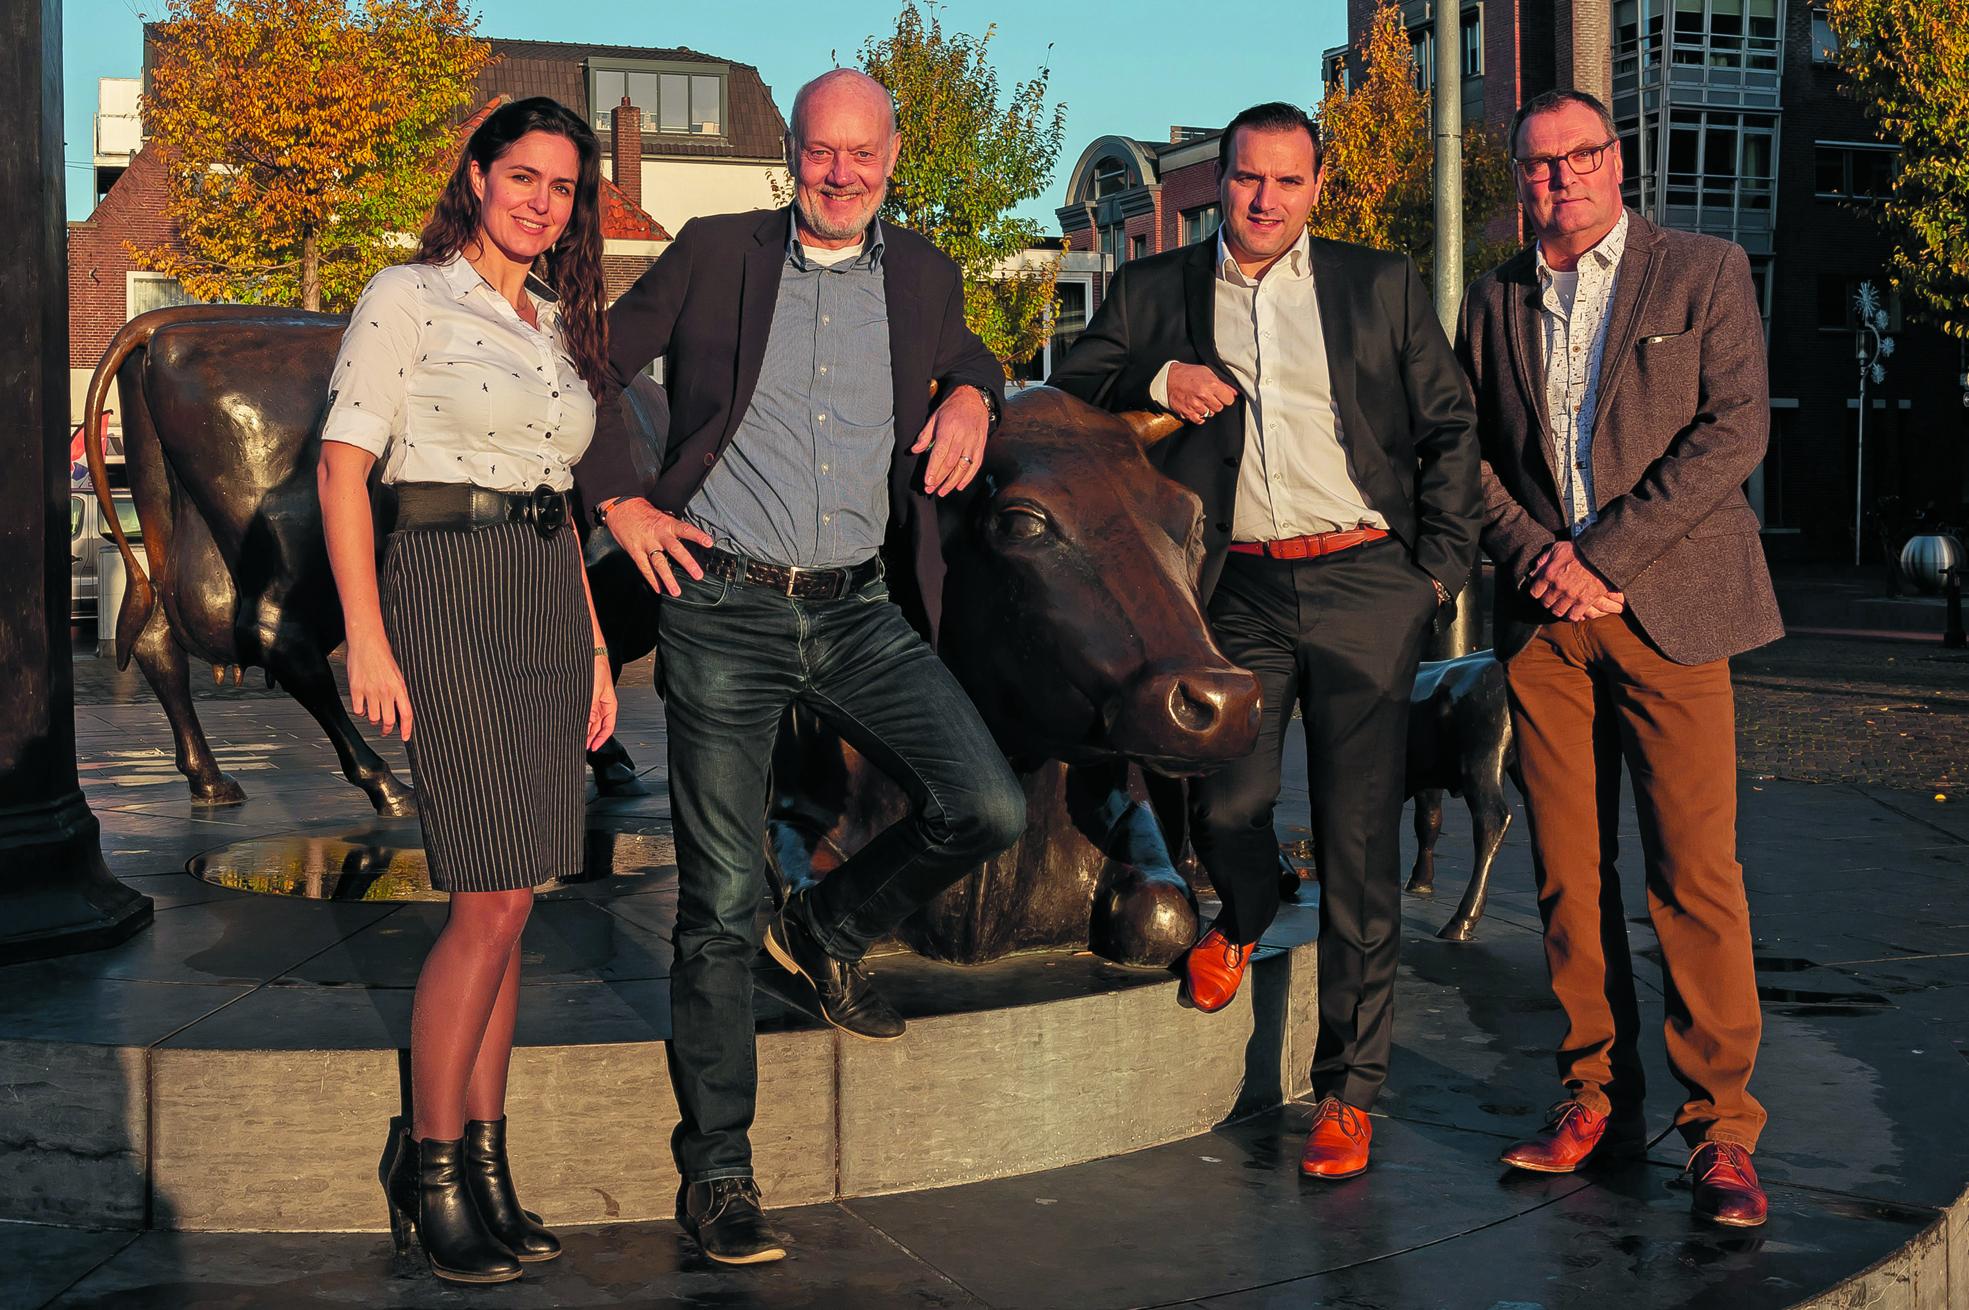 Barbara Lautenbach, Thijs Burrie (beiden van Burrie Media) en Matthijs Malipaard en John Bontje (Rodi Media) zien de toekomst met vertrouwen tegemoet. (Foto: Han Giskes)